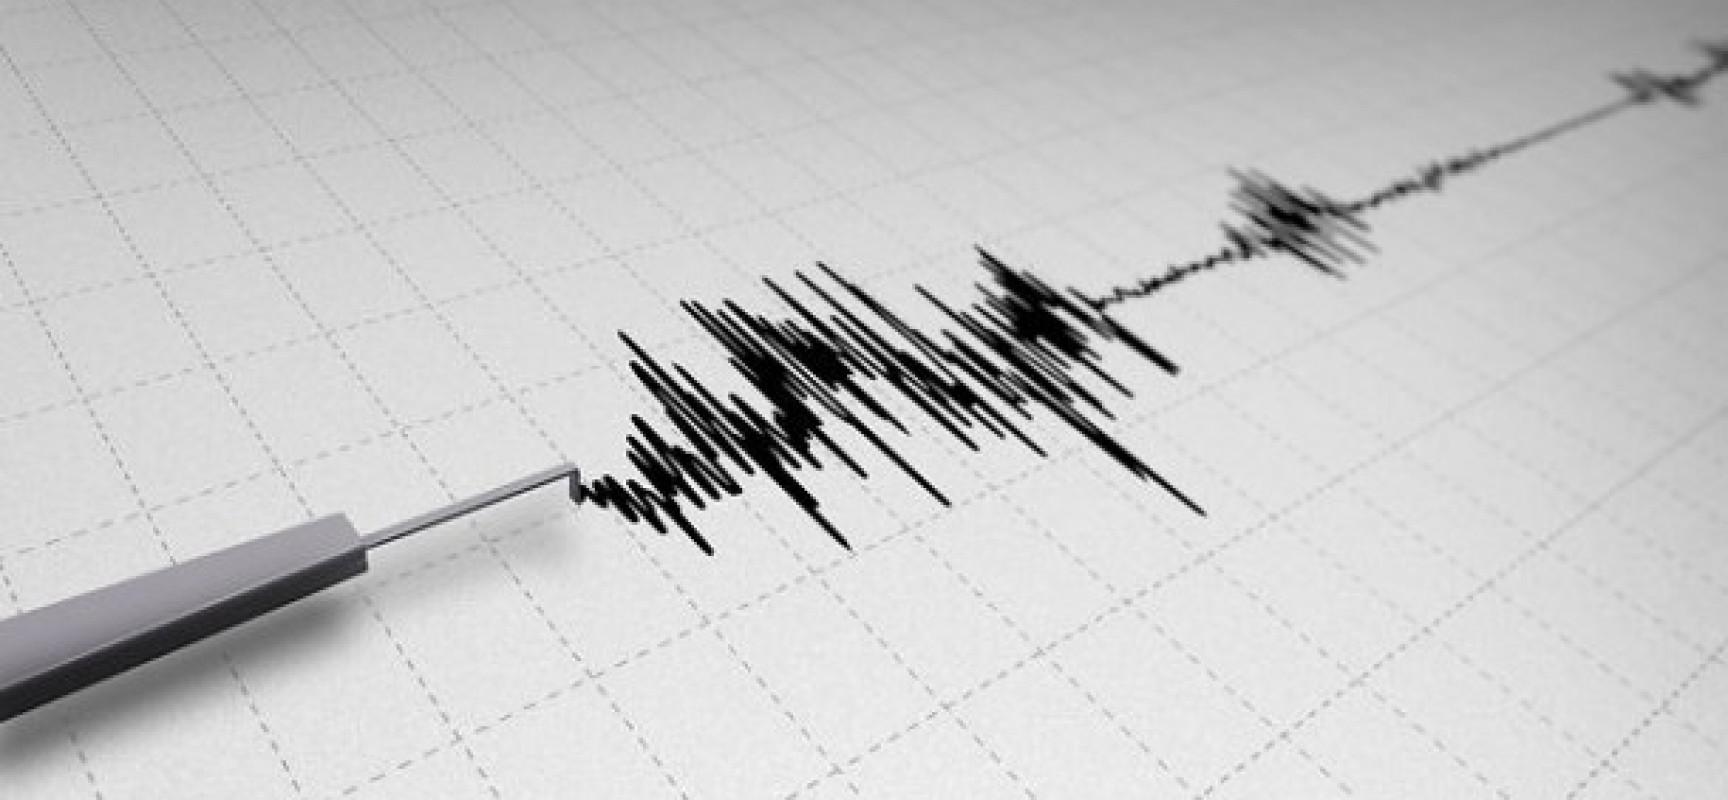 Слаб земјотрес почувствуван во Велес